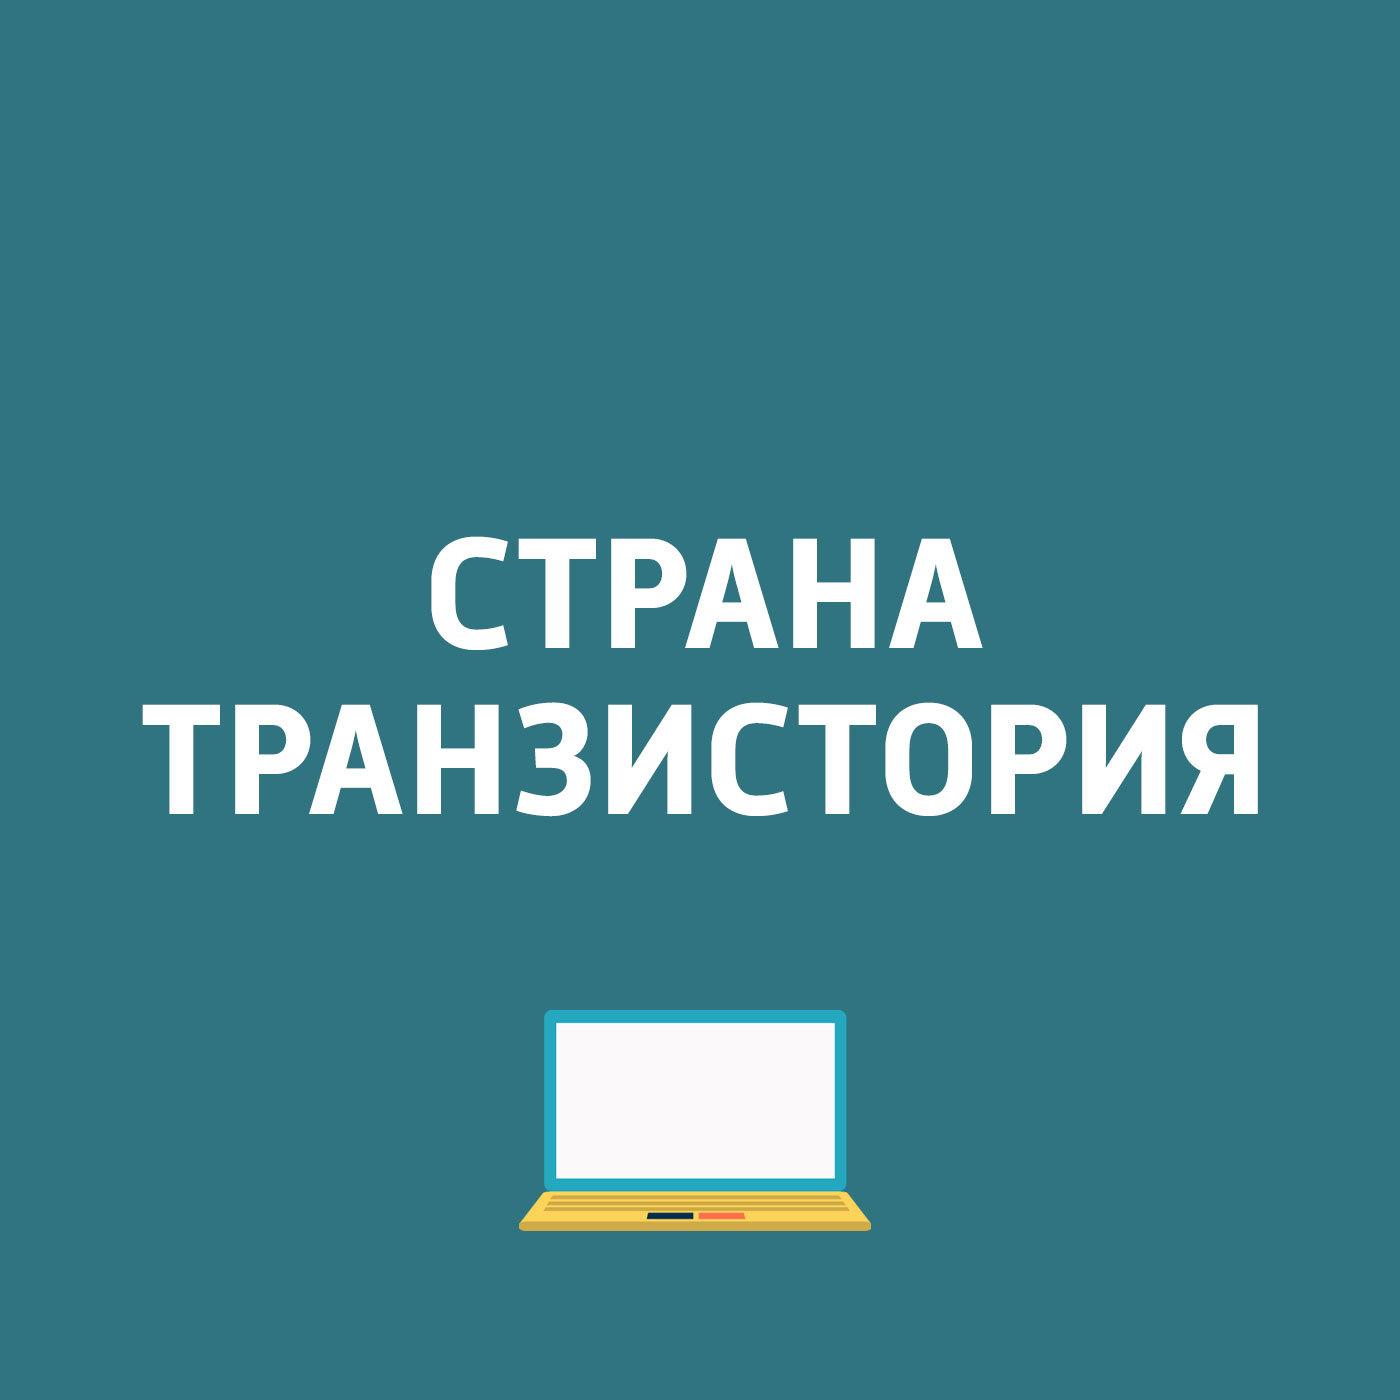 Картаев Павел Коробки для еды заряжают гаджеты; Gmail и «Яндекс» и русскоязычные адреса; Статистика Инстаграм; Godless шагает по миру... яндекс